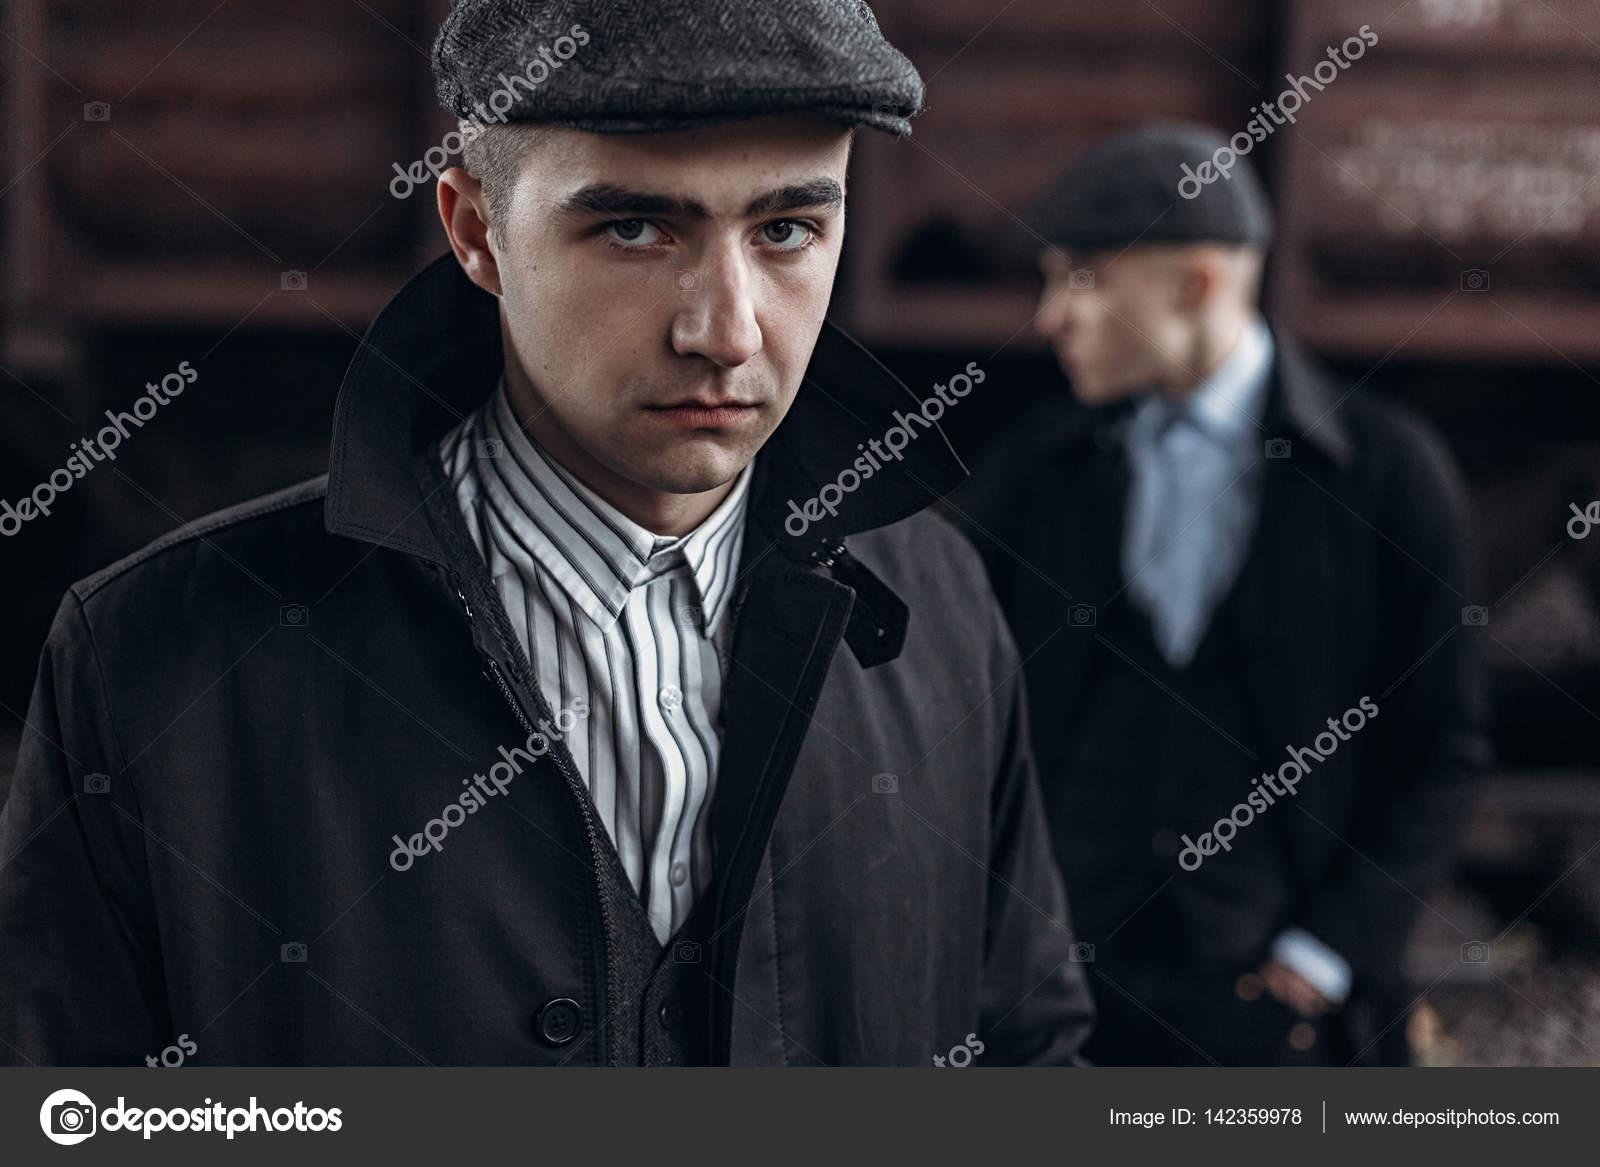 Бандиты картинка 4